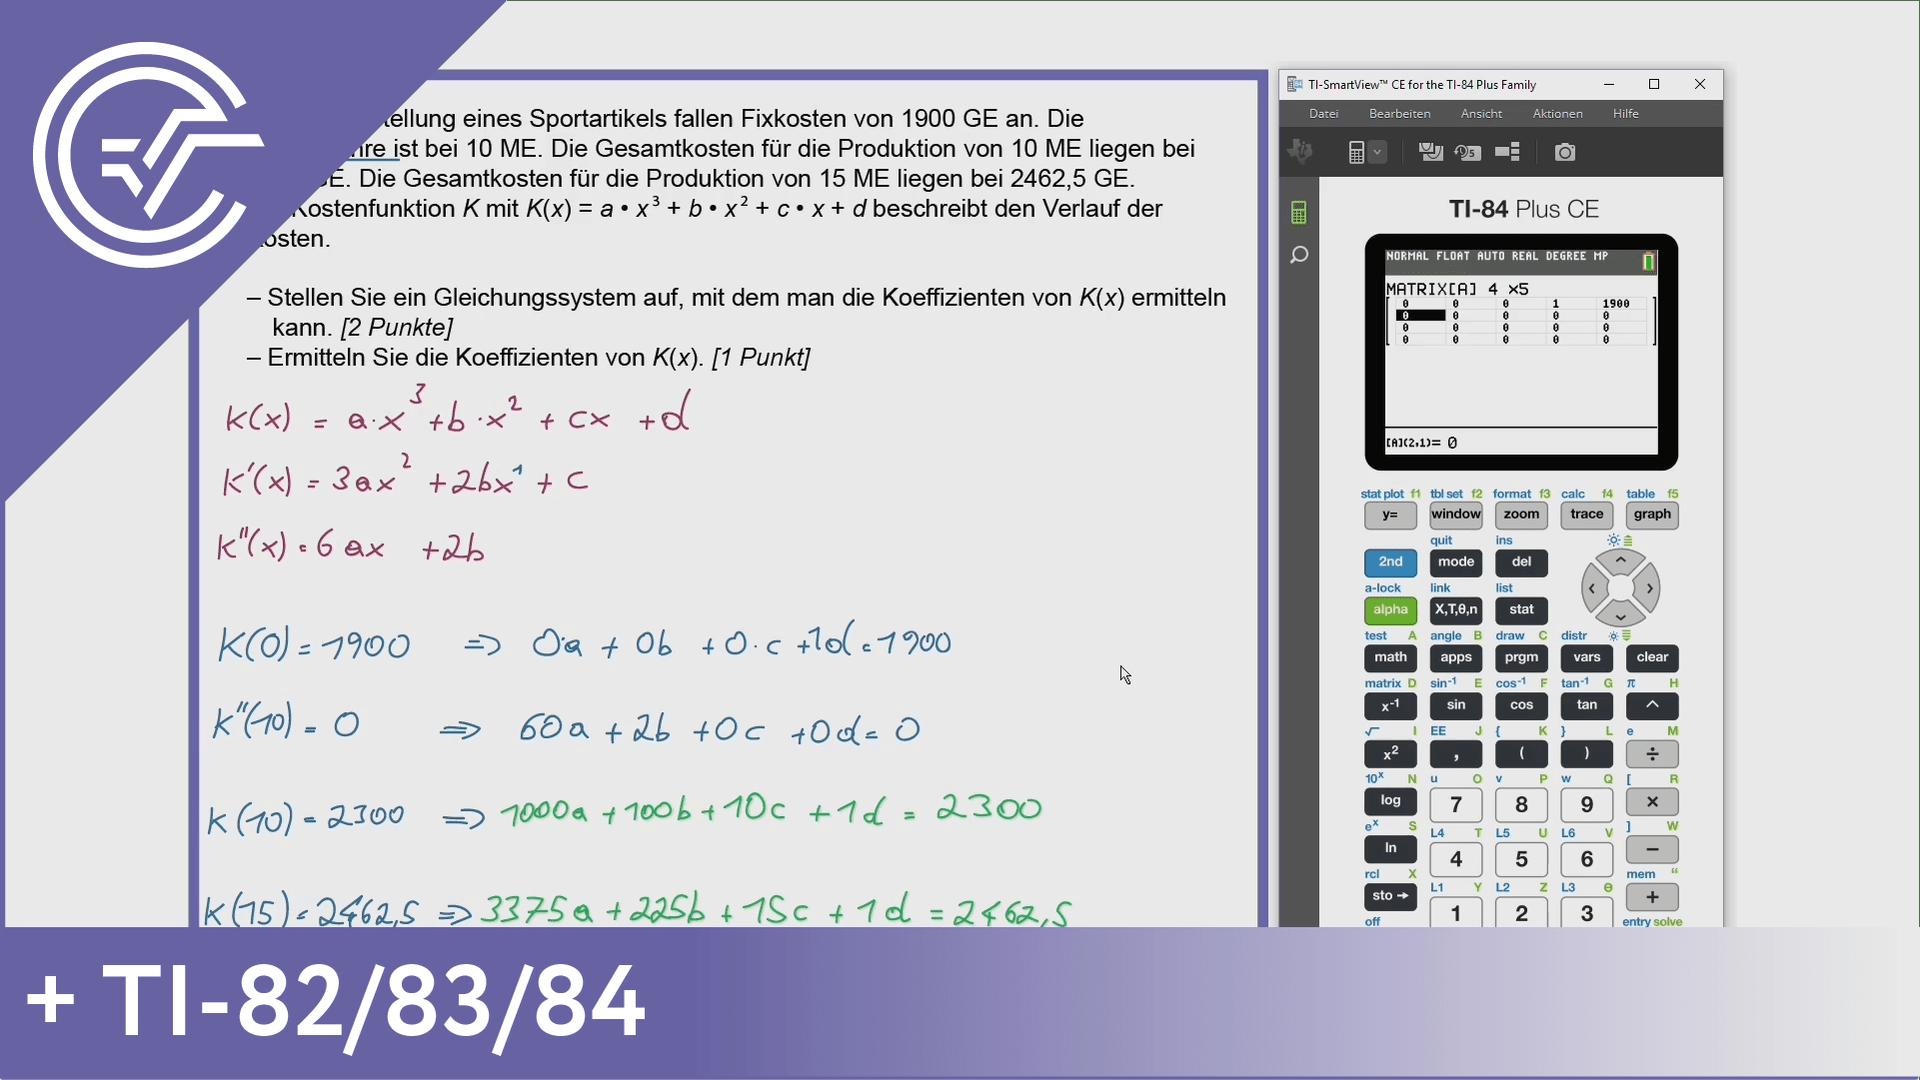 Teil-B - Cluster 6 - 7b Gleichungssysteme mit dem TI-82/83/84